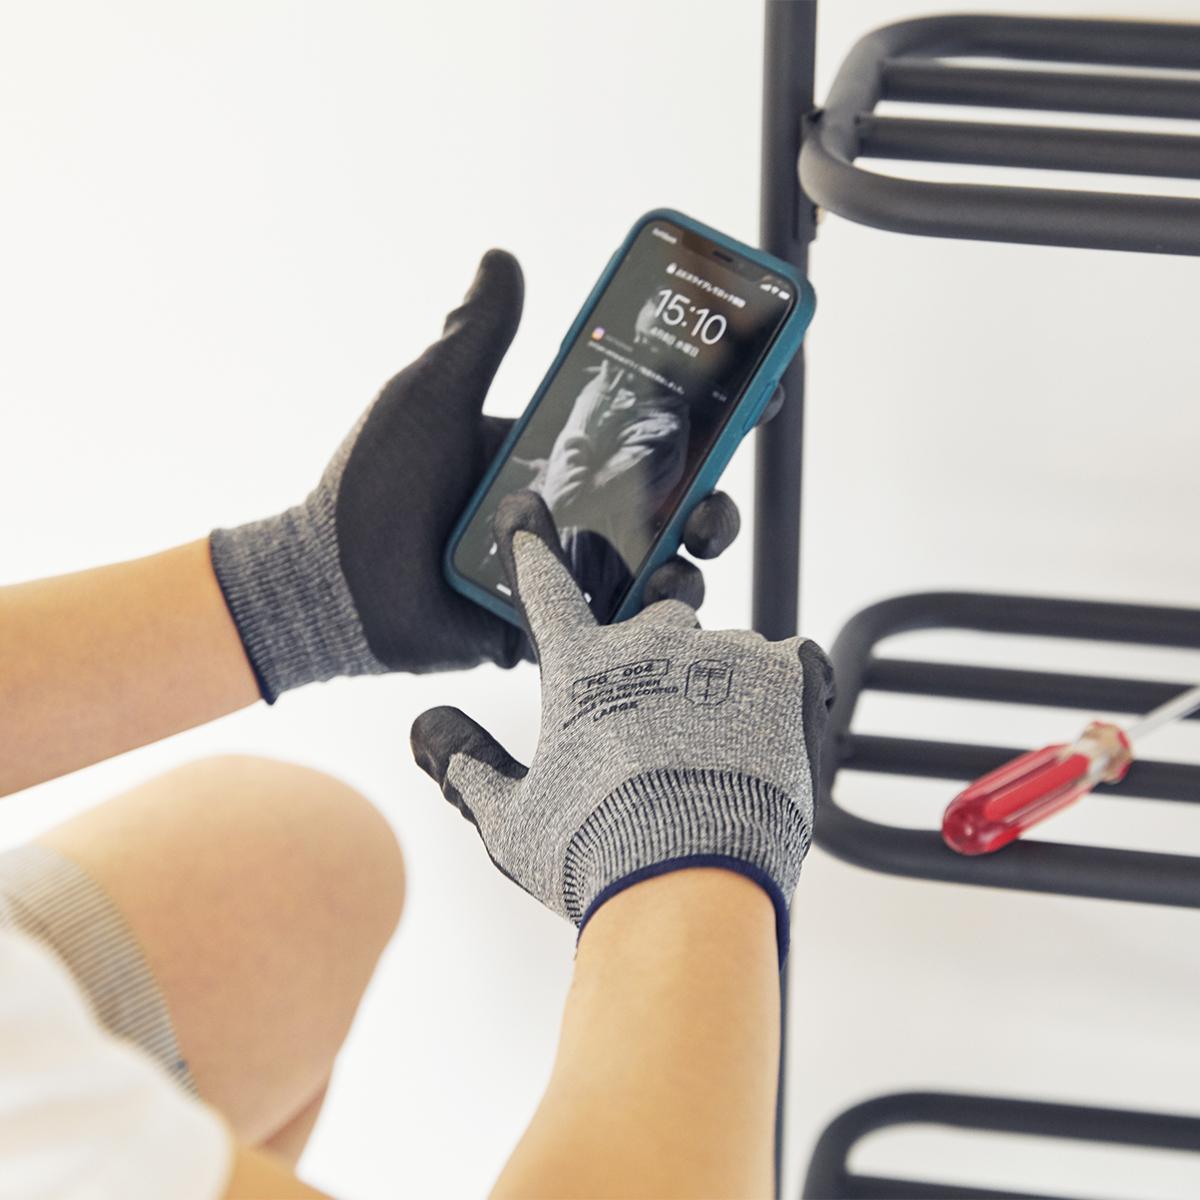 レシピを調べながら買い物、ガーデニング番組を見ながら土いじり、説明動画を確認しながら家具やプラモデルの組立て……スマホをチェックしながら、家事もDIYもスイスイ!スマホを触れる「作業用手袋」|workers gloves(ワーカーズグローブ)